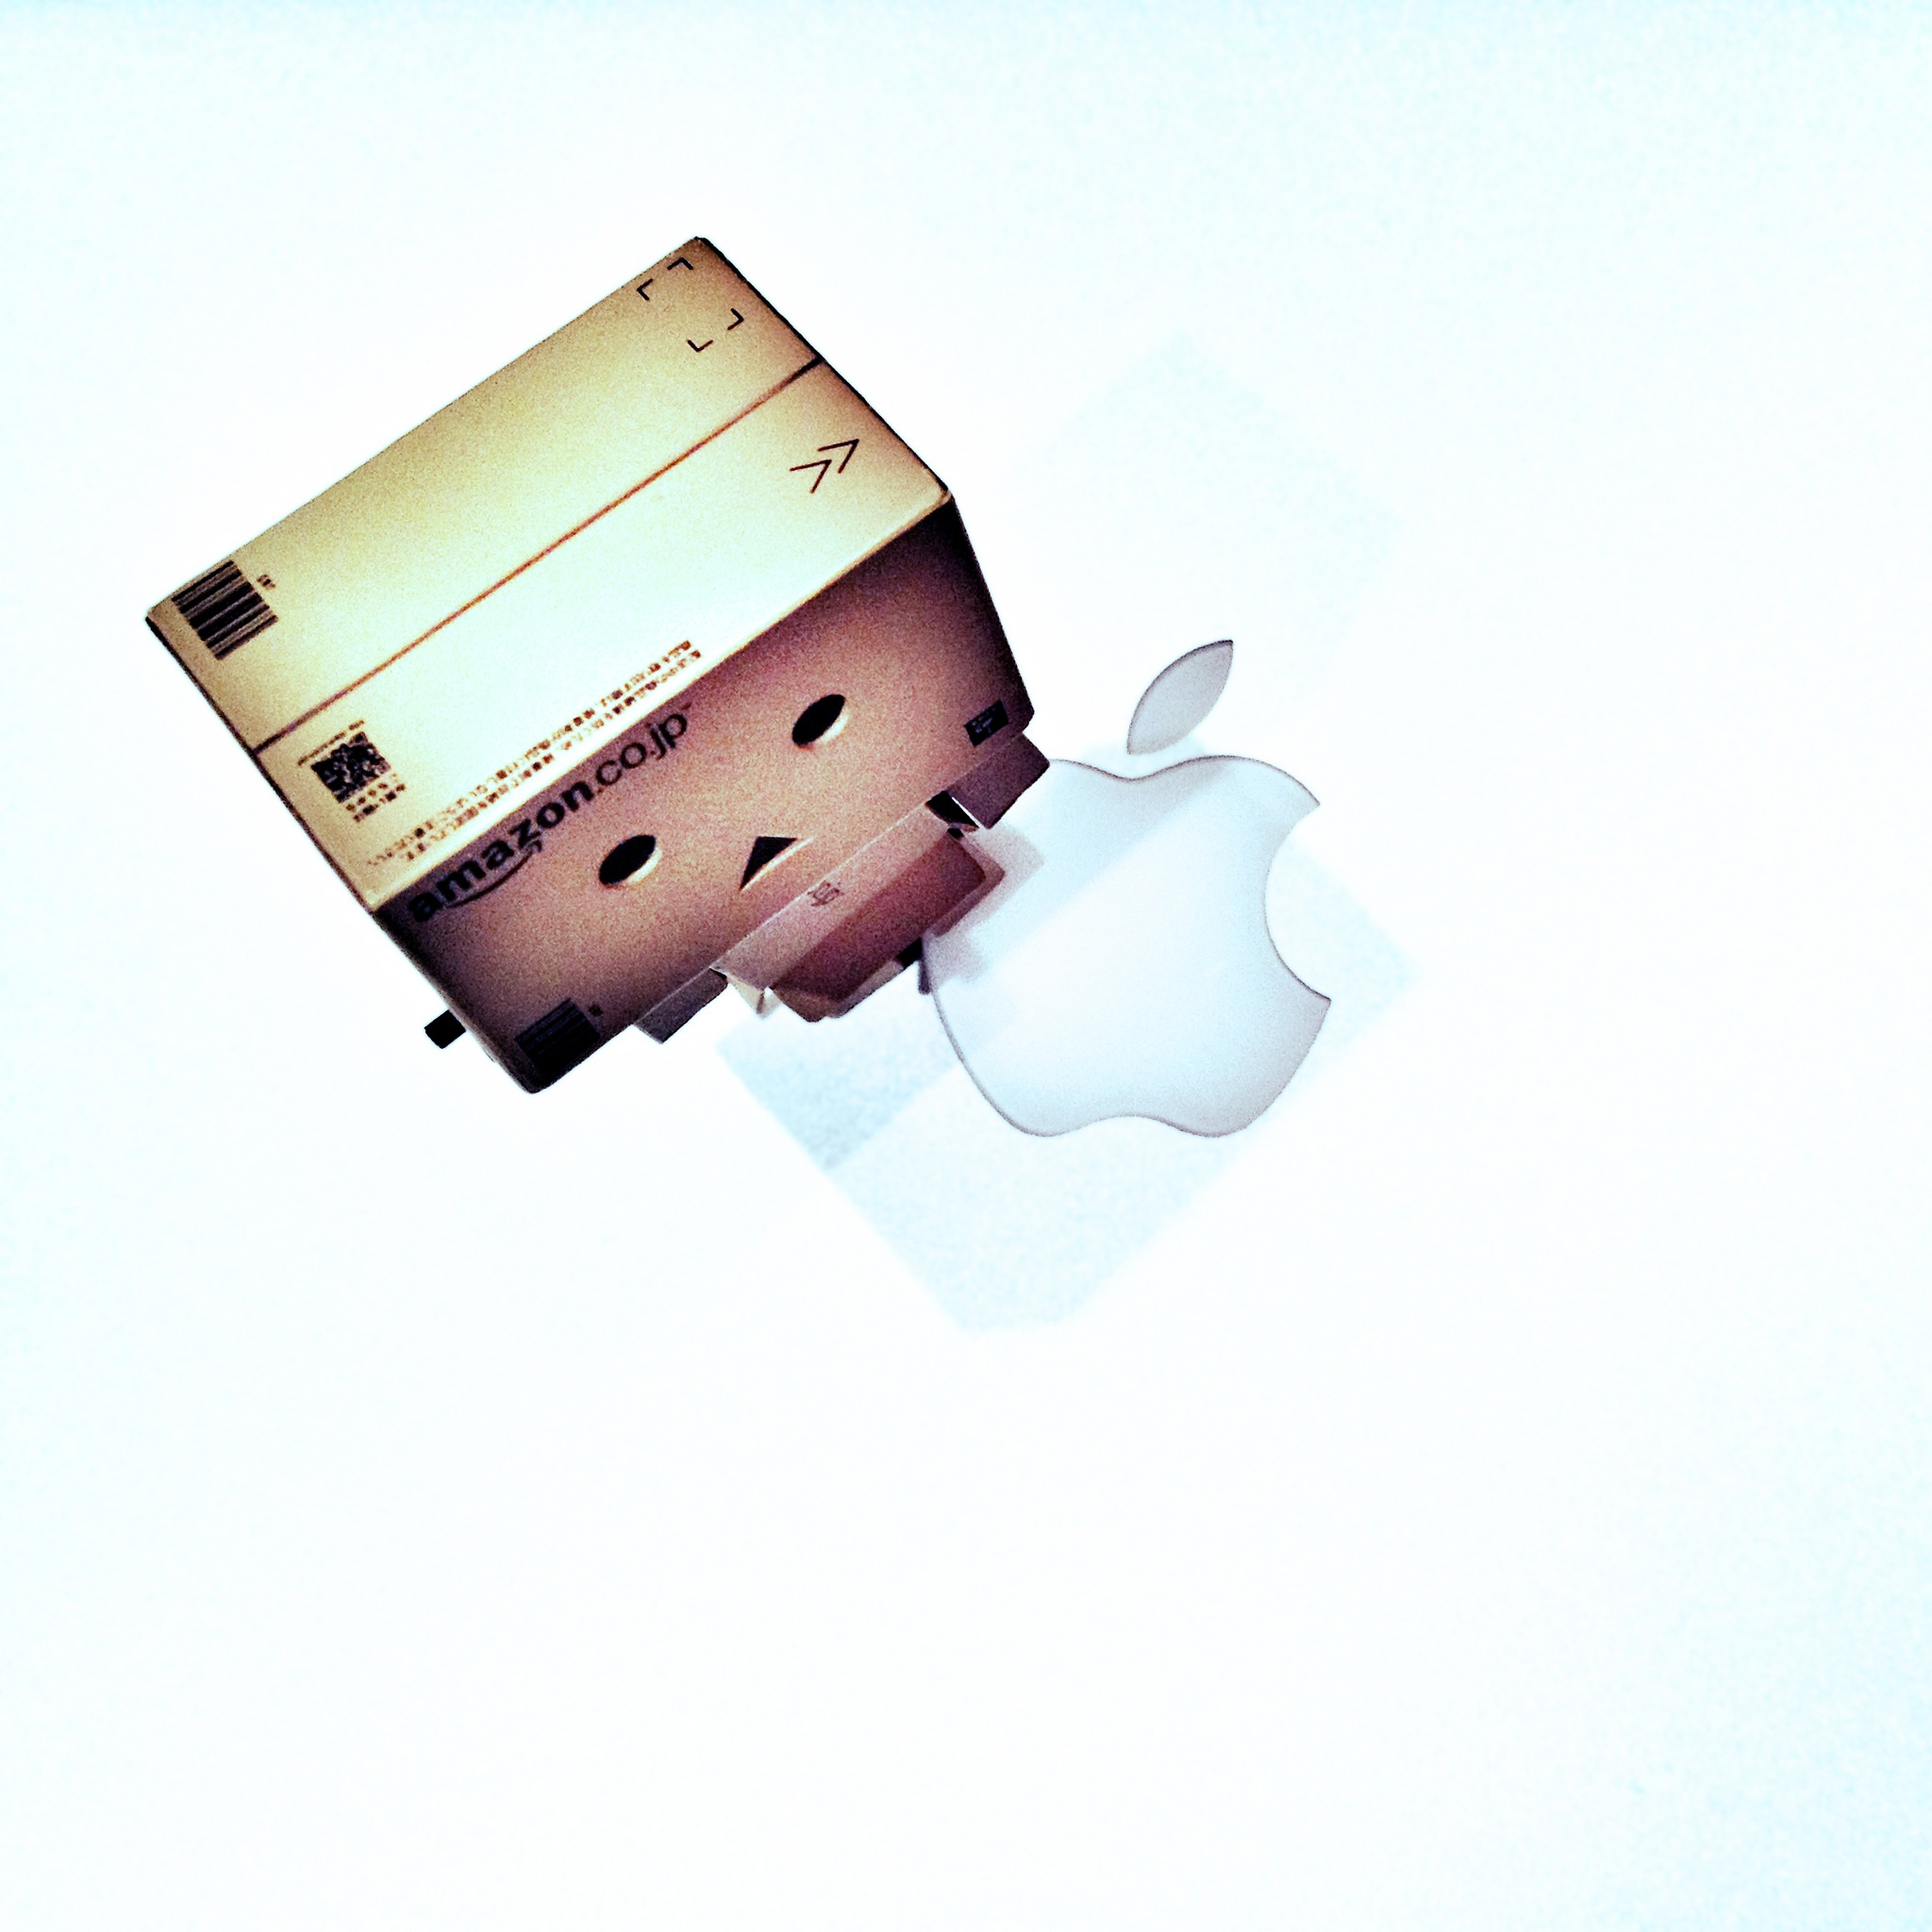 iPad Wallpapers Cute Apple   Apple iPad iPad 2 iPad mini Wallpapers 2048x2048